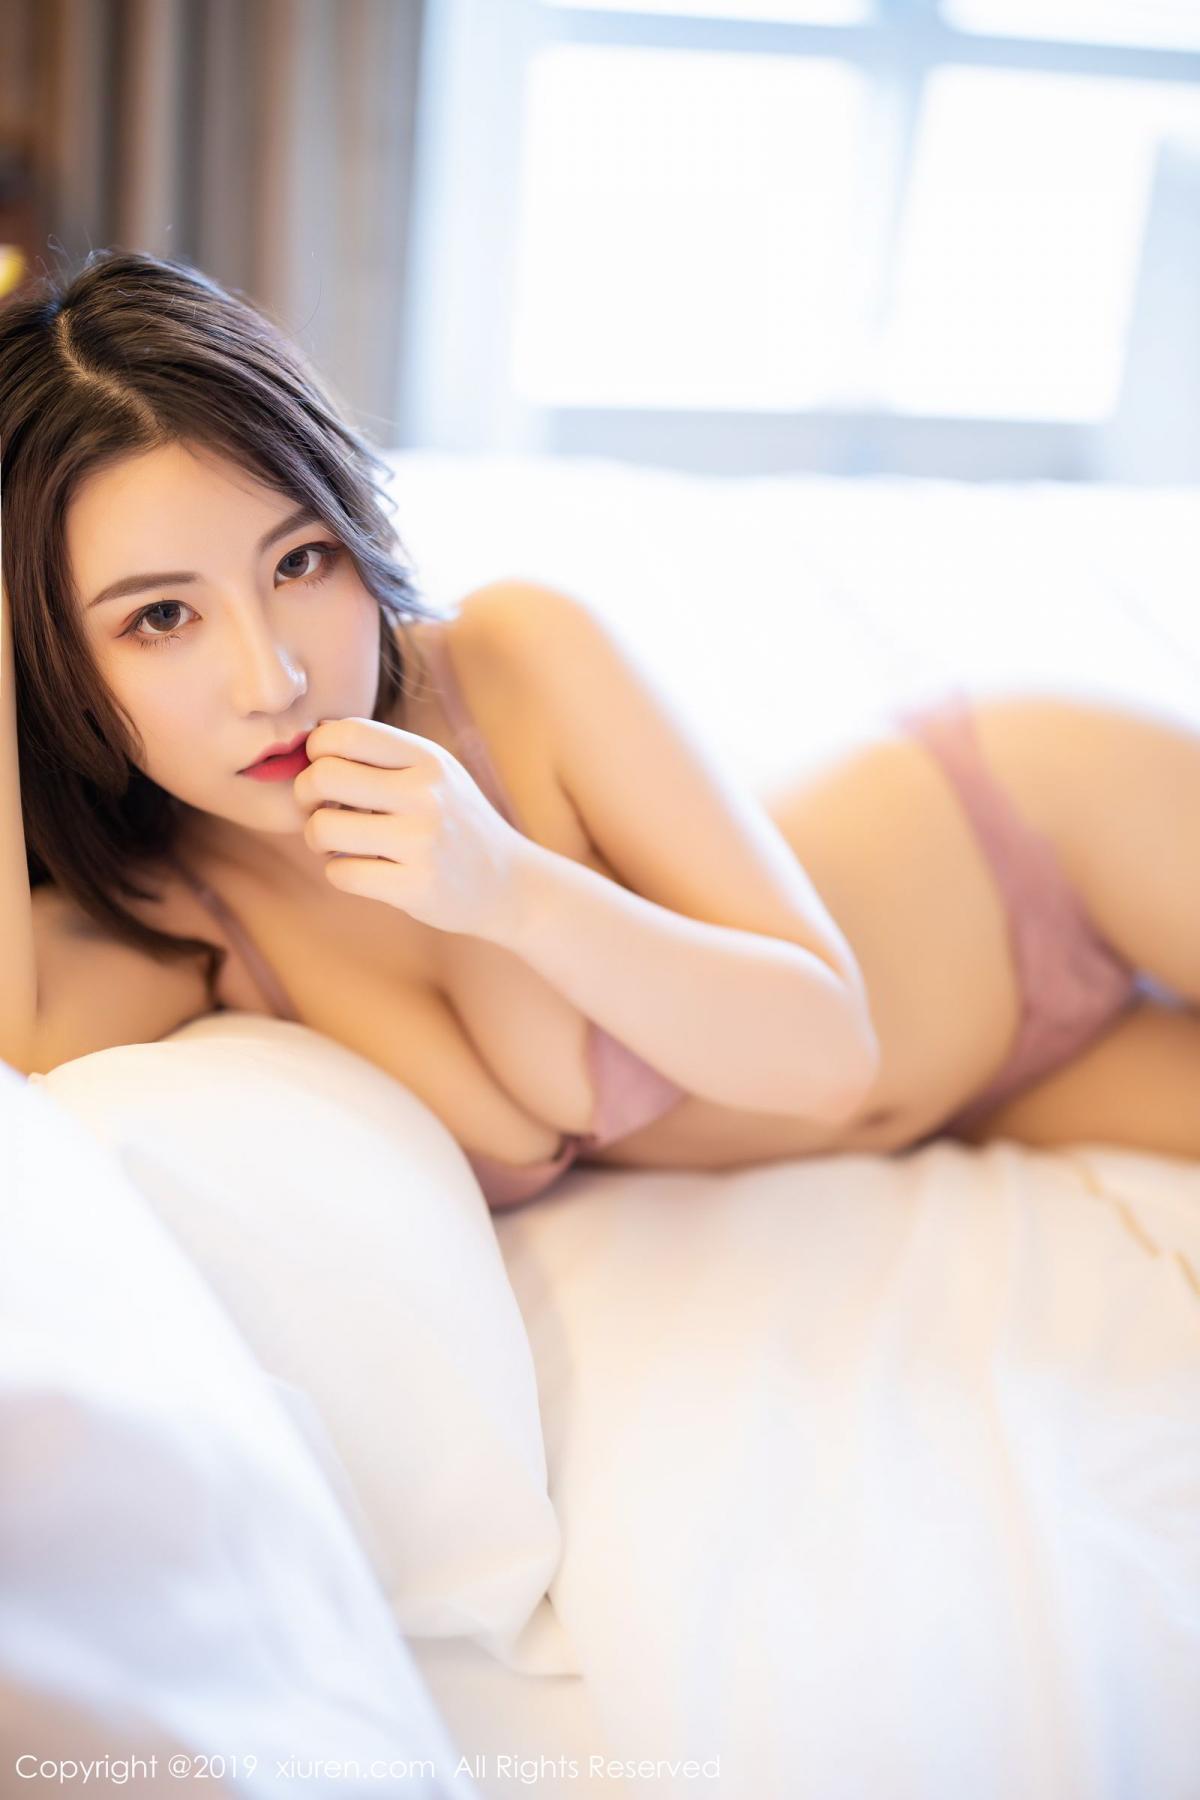 [XiaoYu] Vol.1697 Xie Zhi Xin 78P, Home, Sexy, XiaoYu, Xie Zhi Xin